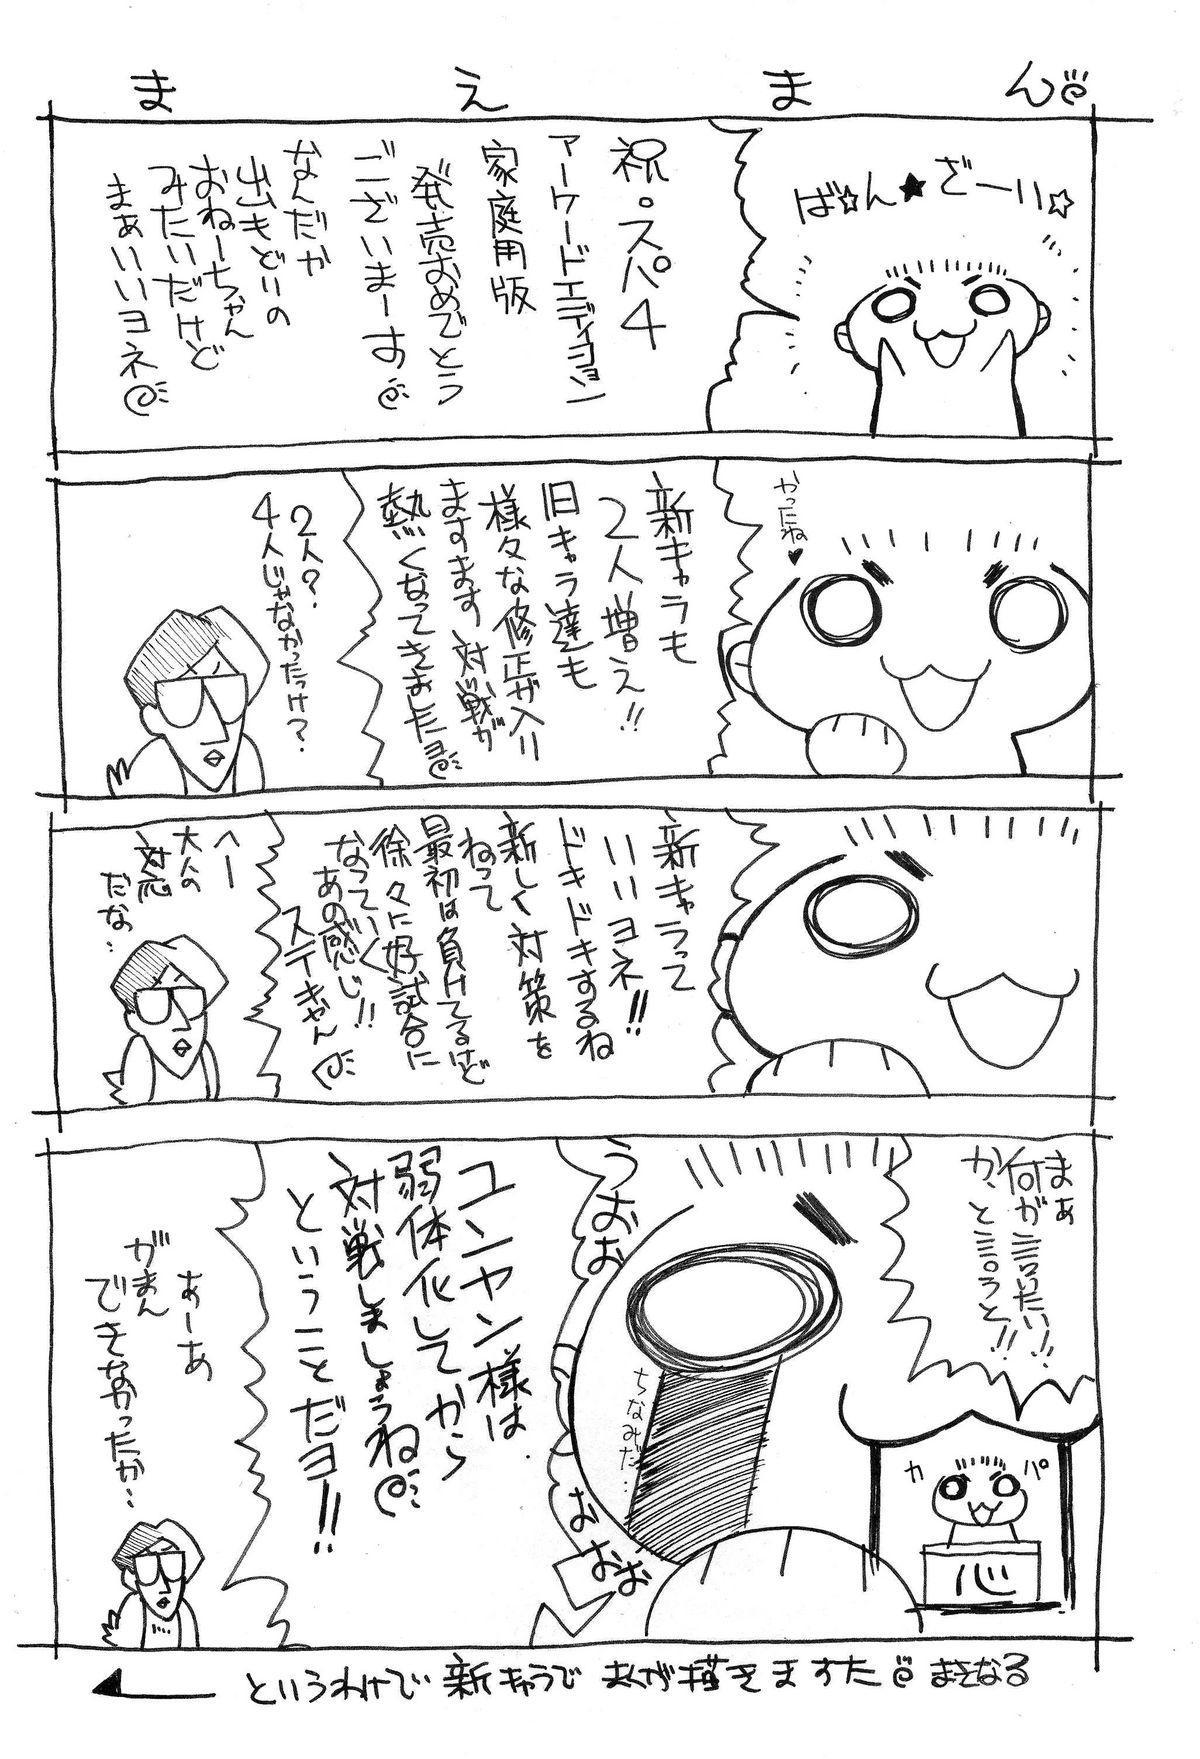 Kuruoshikishioki 2